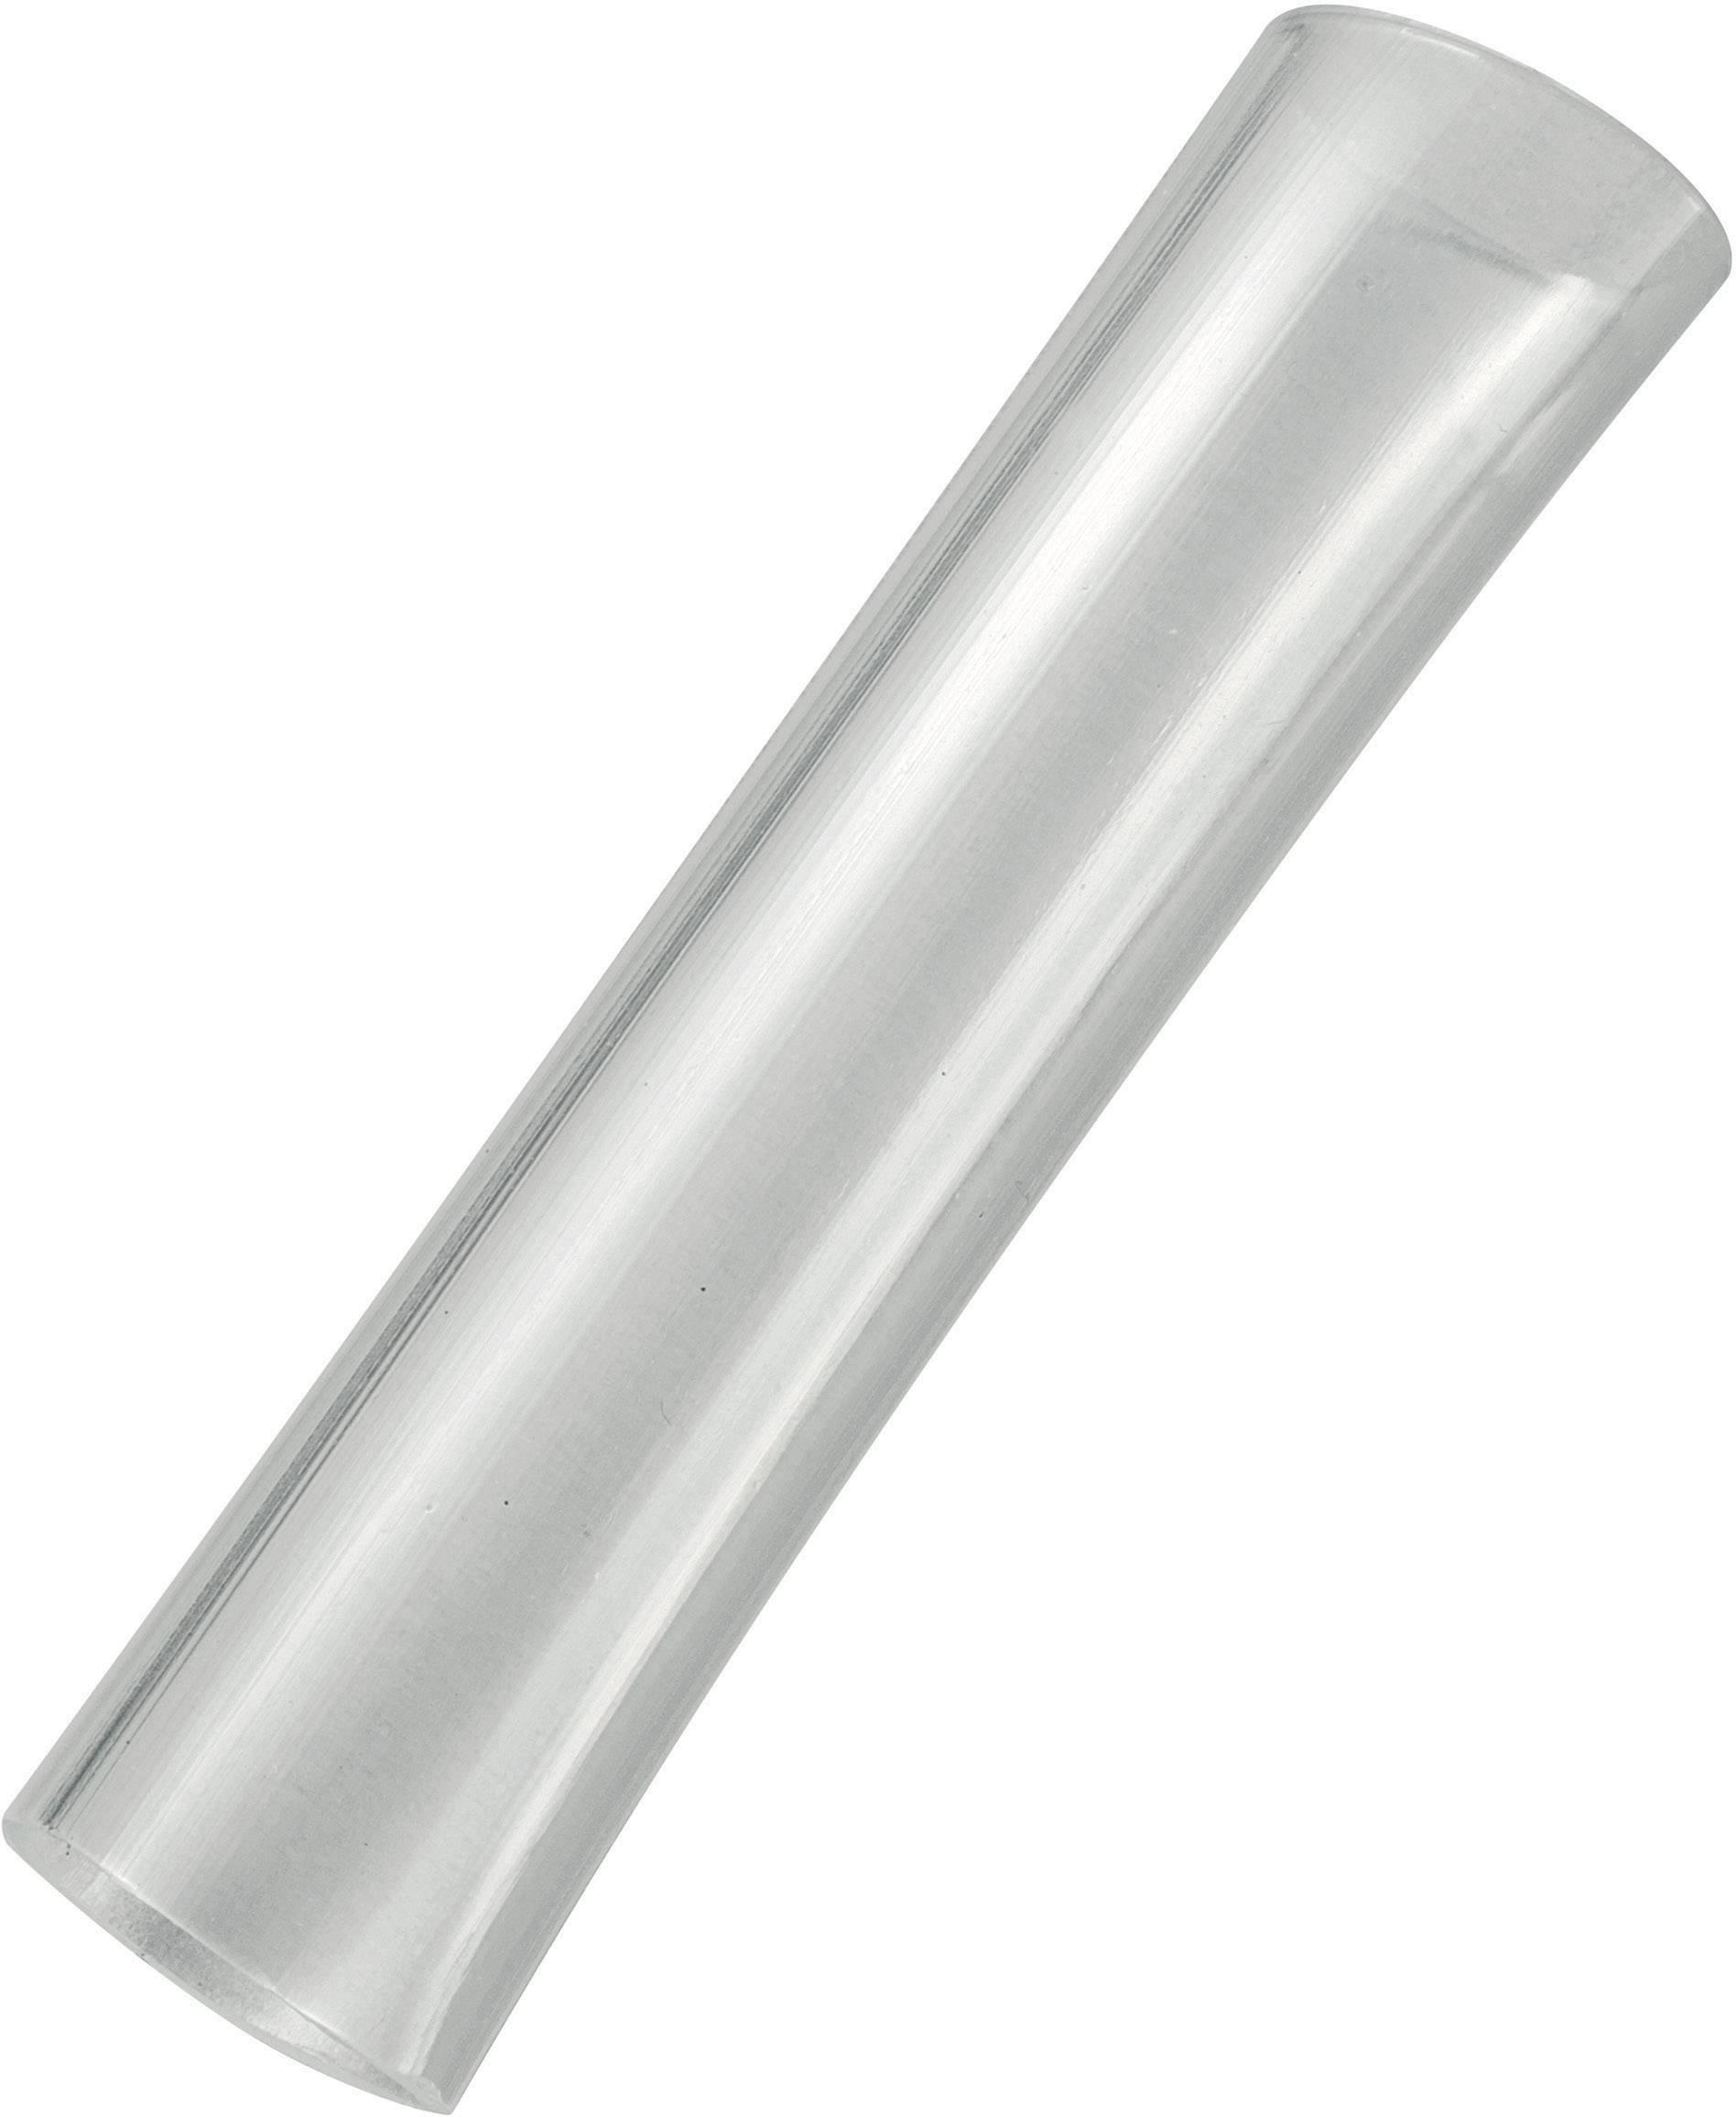 PVC izolační hadice TRU COMPONENTS PVC150TR, vnitřní Ø 15 mm, transparentní, metrové zboží